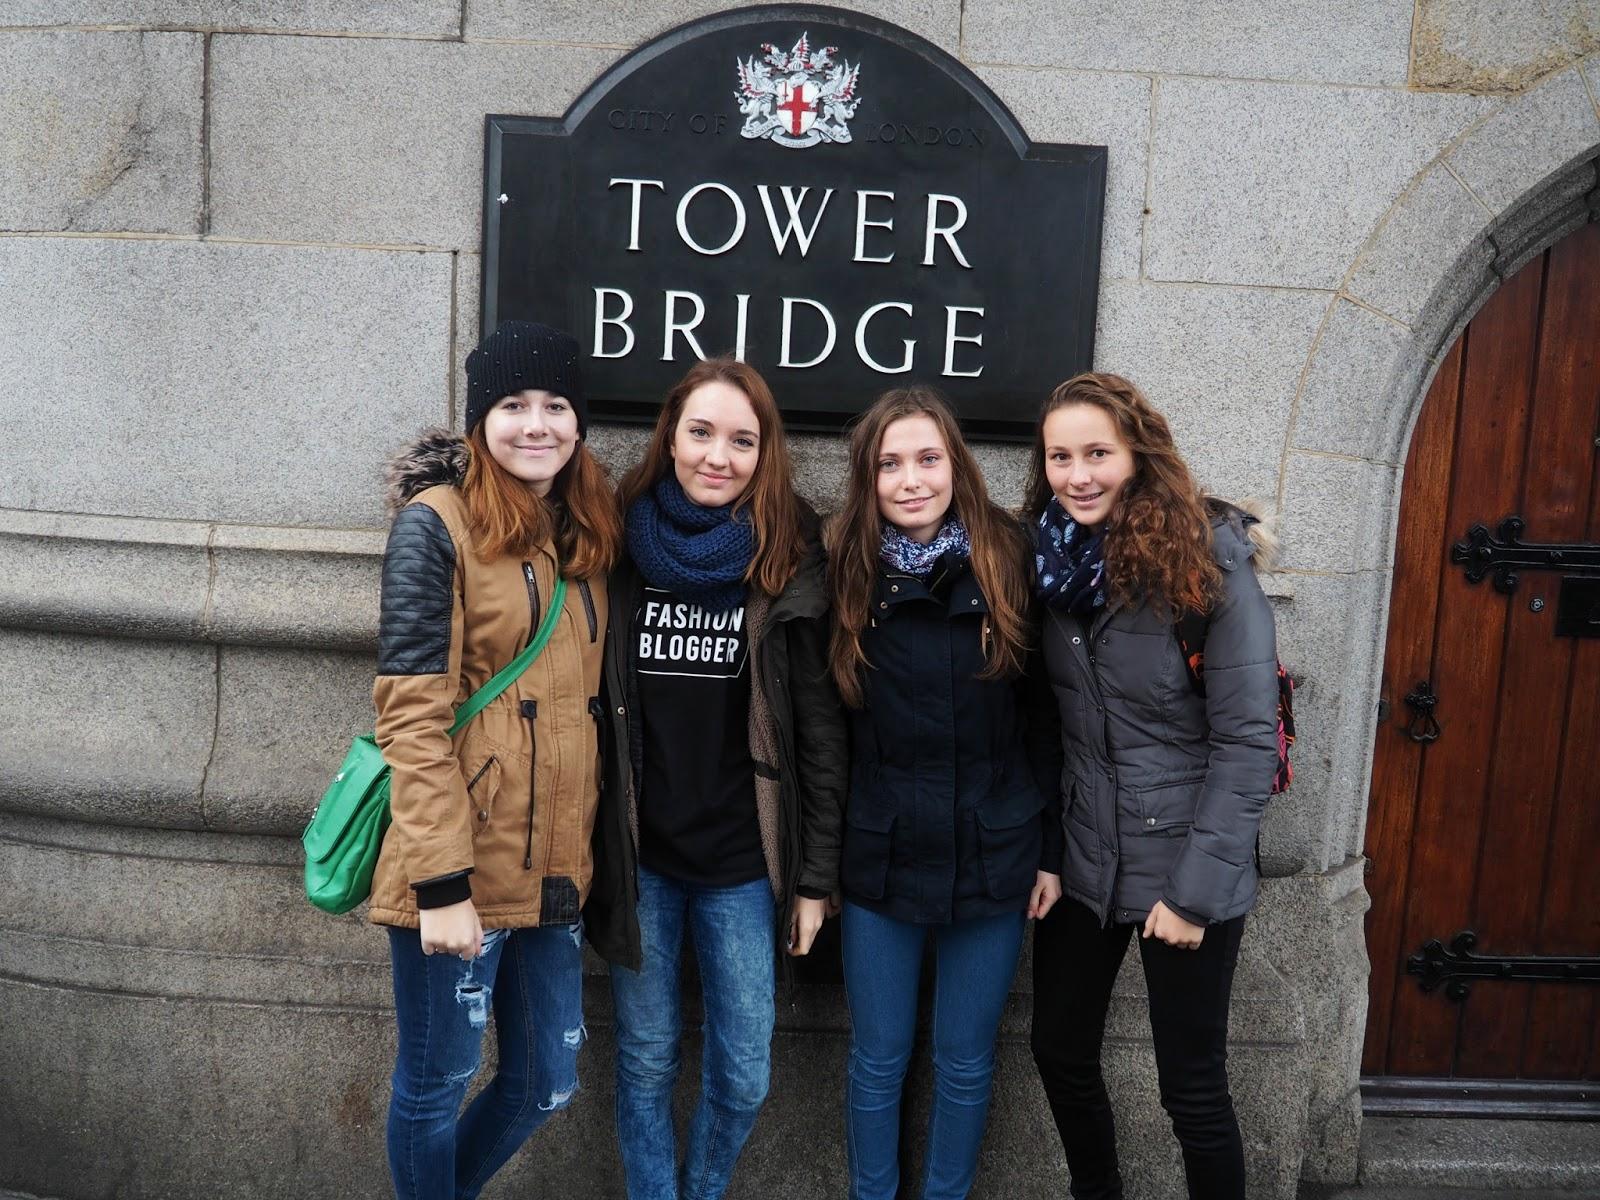 Naše skupina na zájezdu v Londýně u Tower Bridge